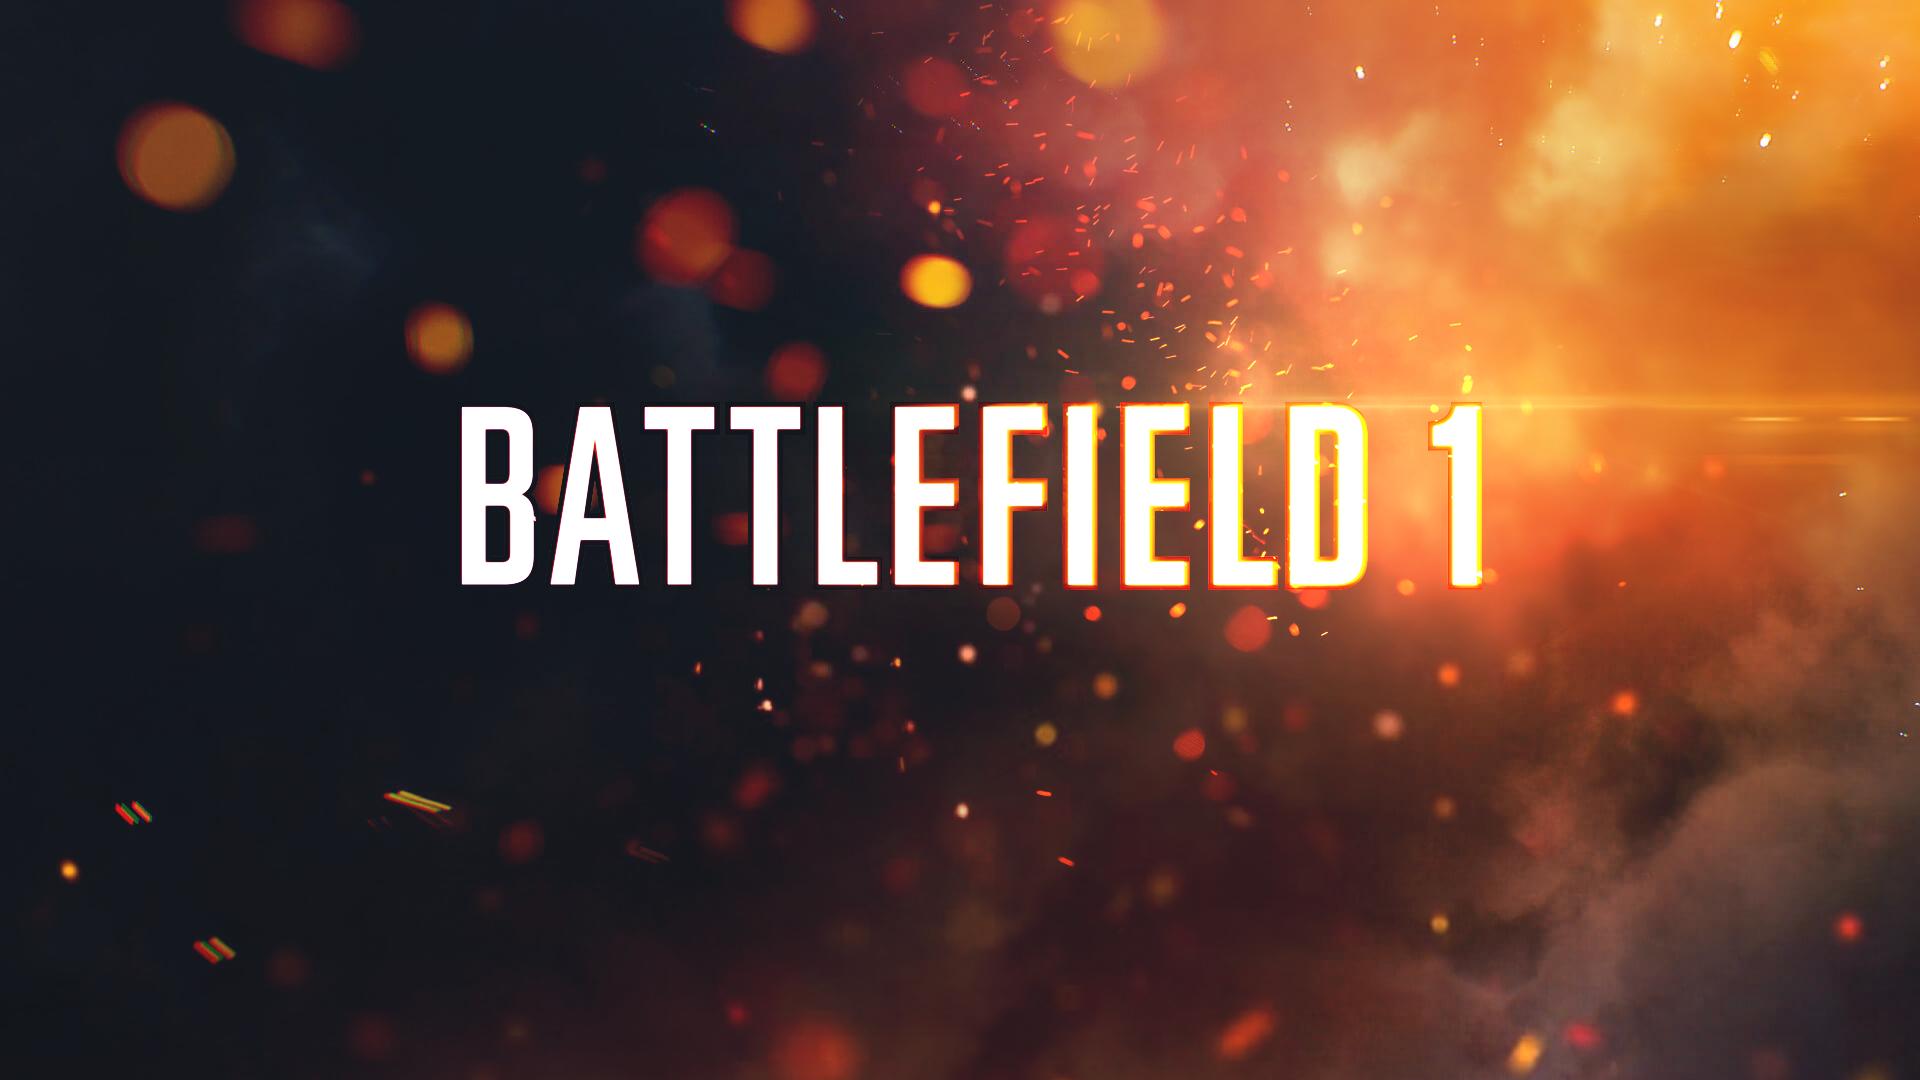 Battlefield 1 HD Wallpaper